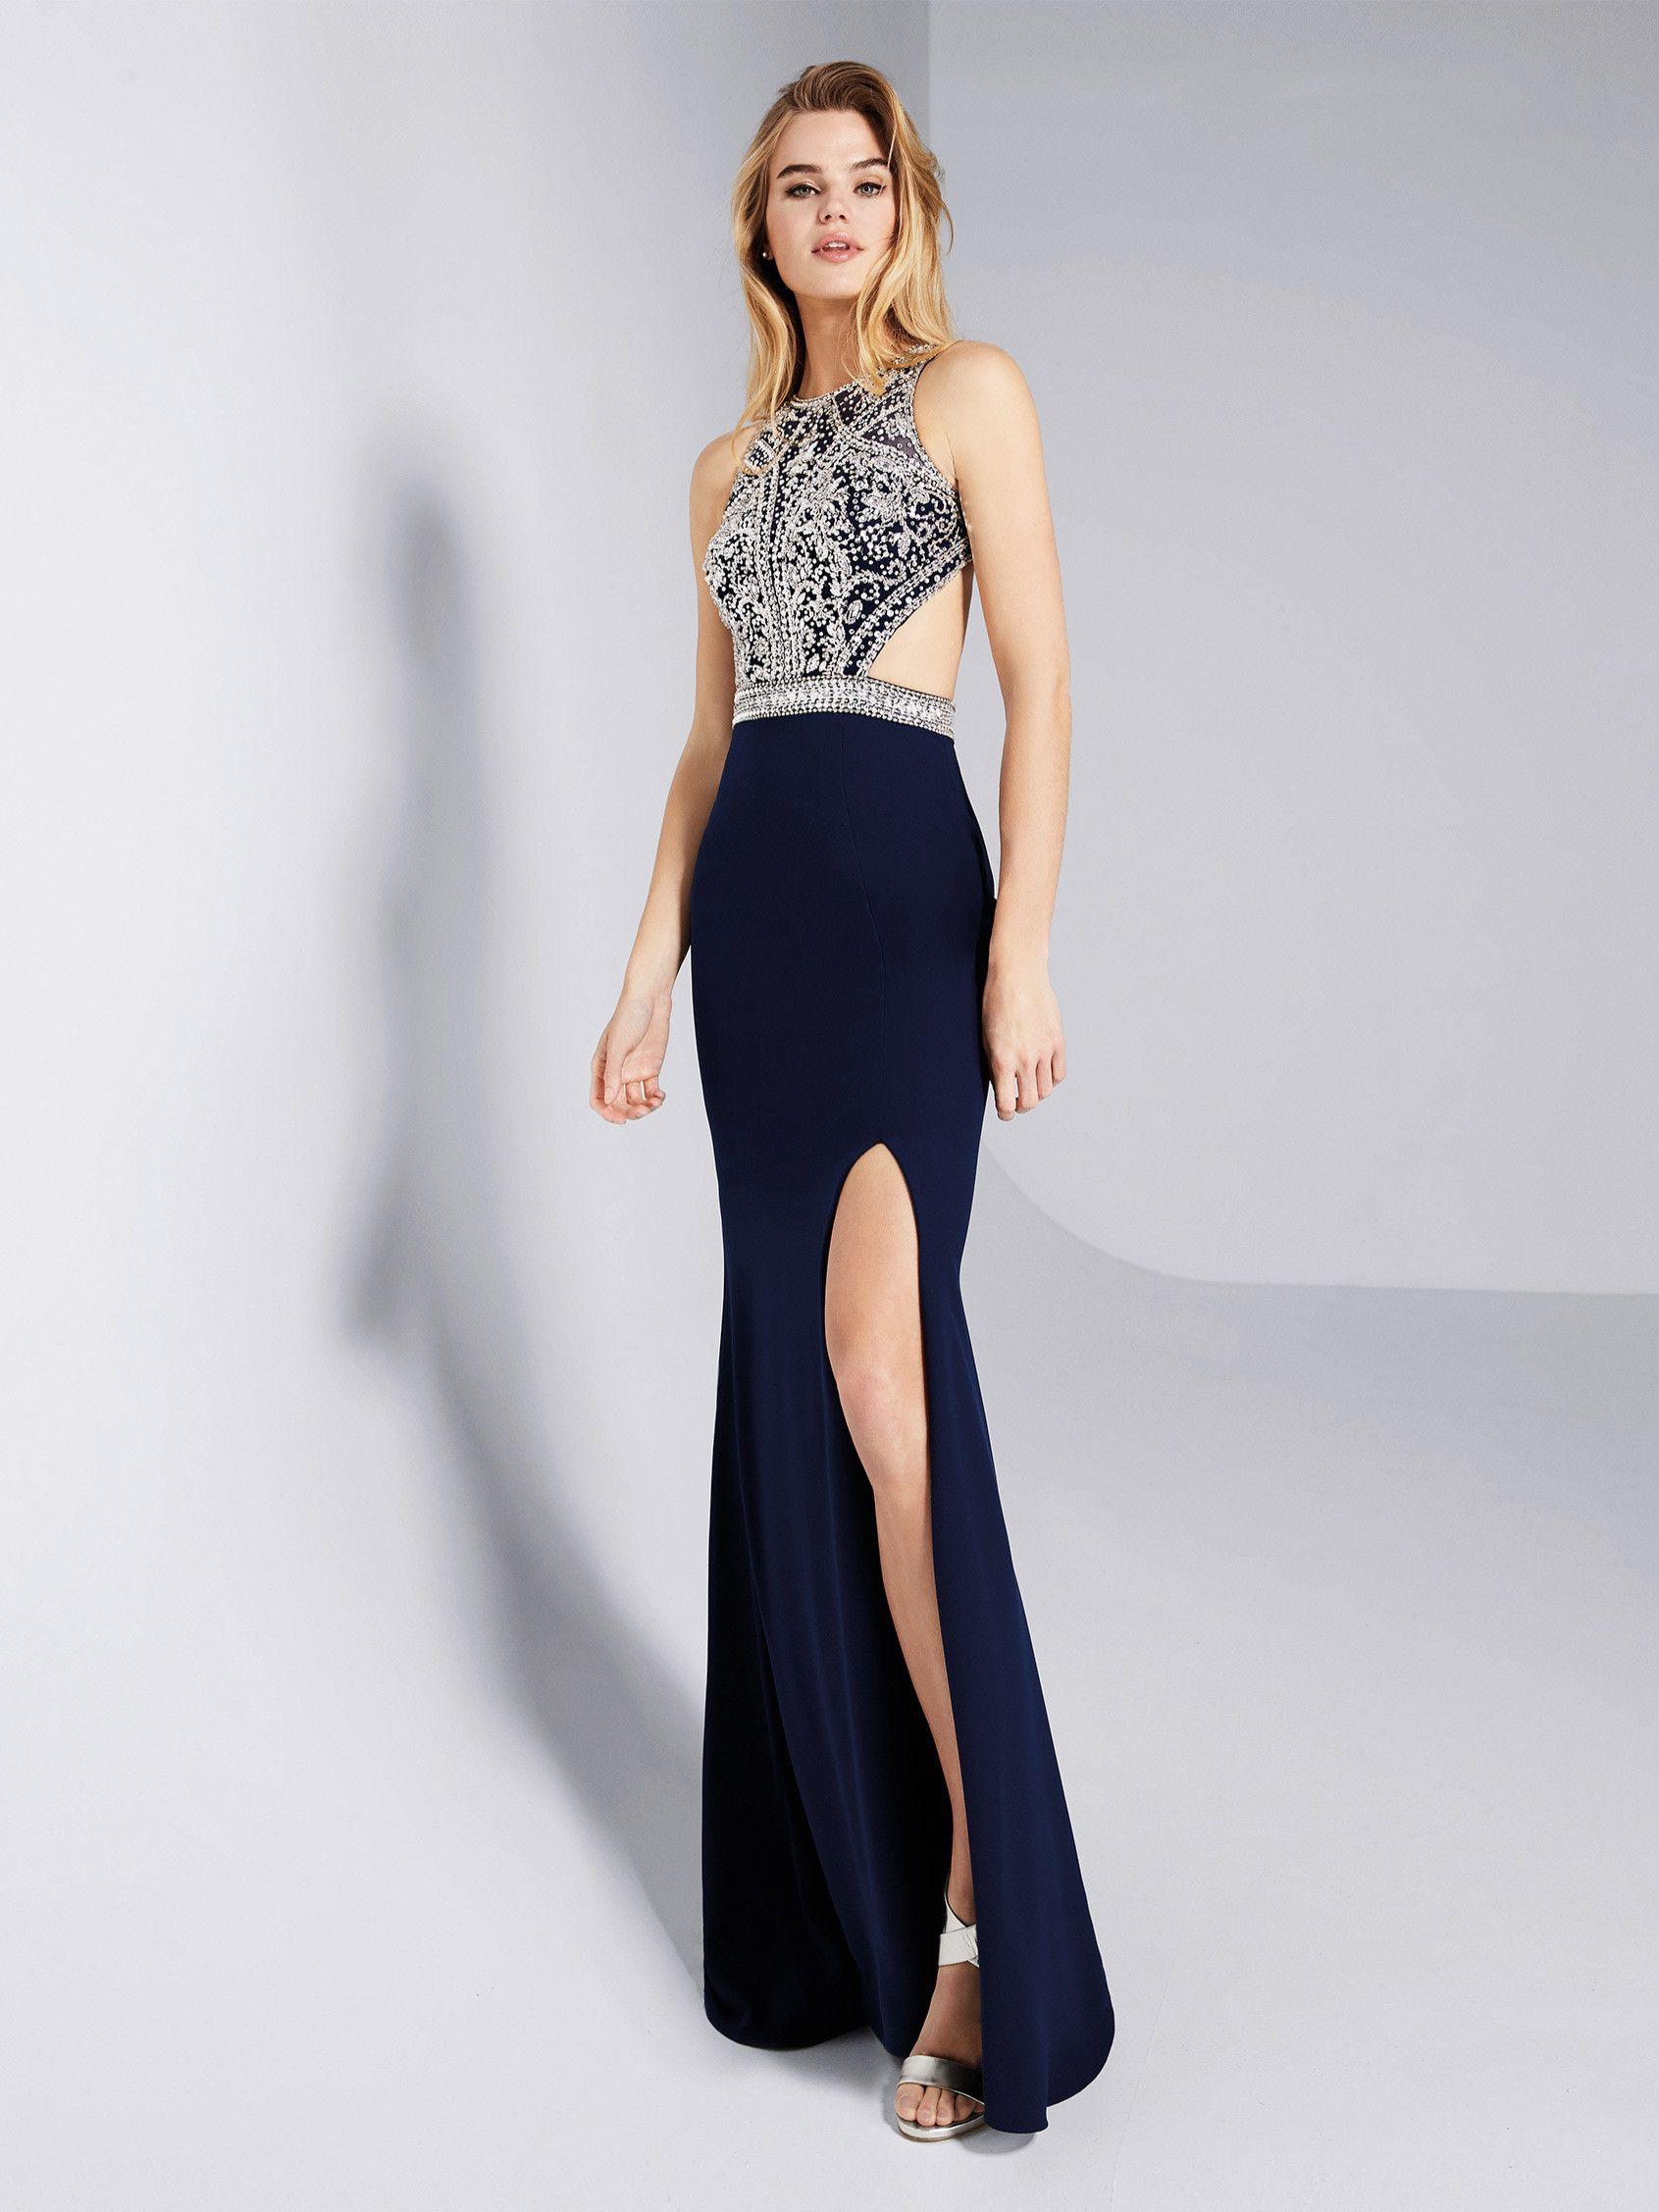 Sırt dekolteli kokteyl elbisesi | Kıyafet Seçenekleri | Pinterest ...